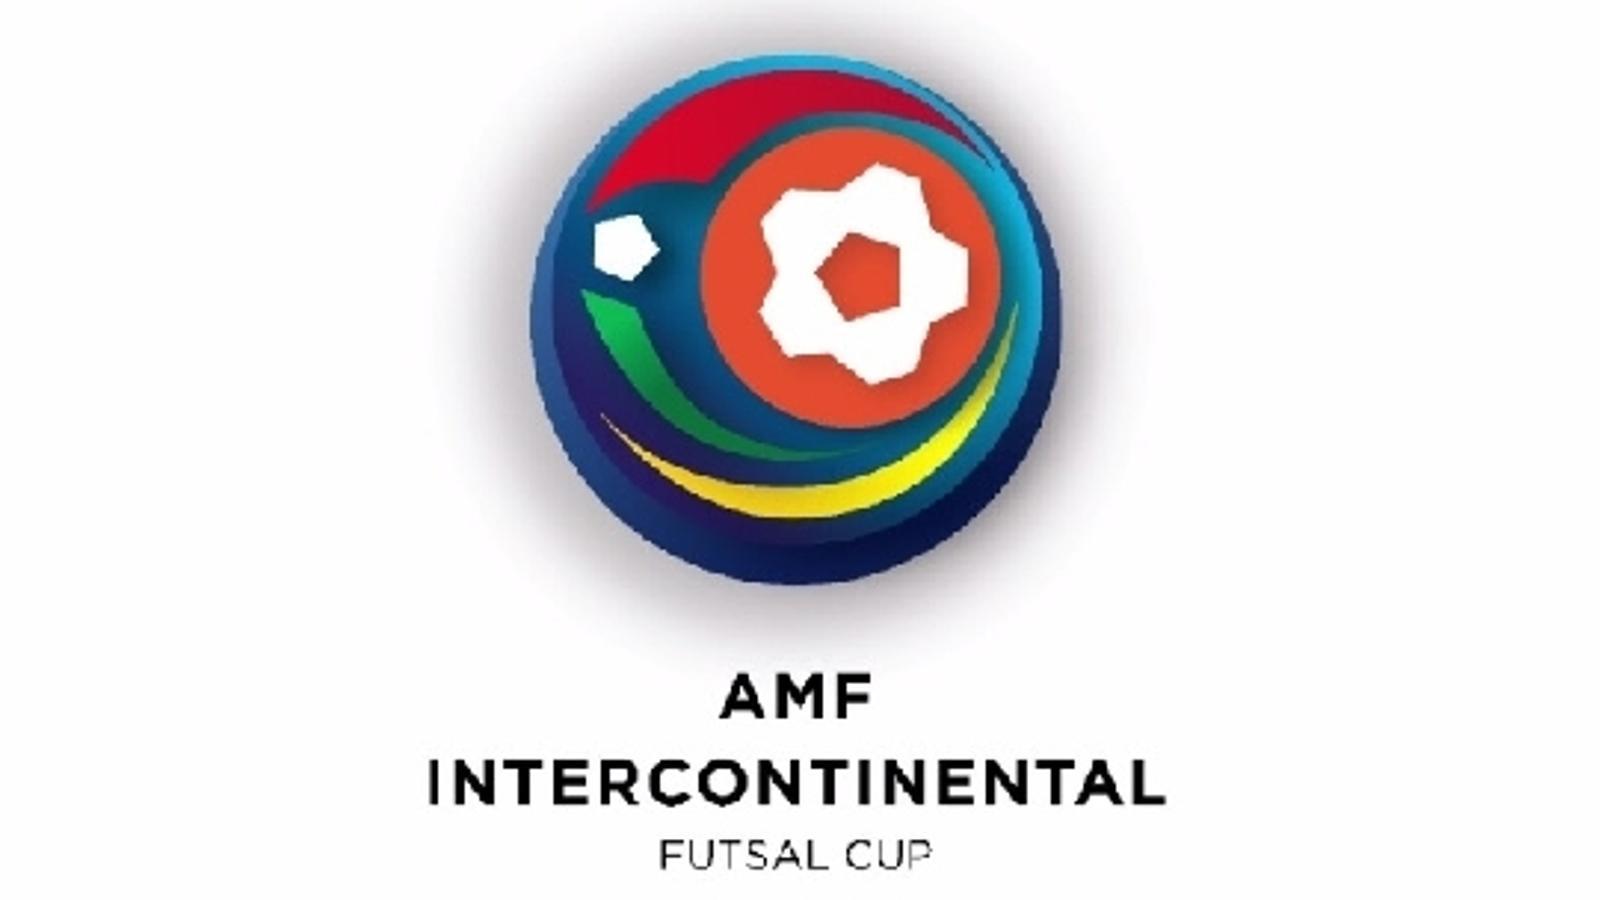 Logotip de la AMF Intercontinental Futsal Cup